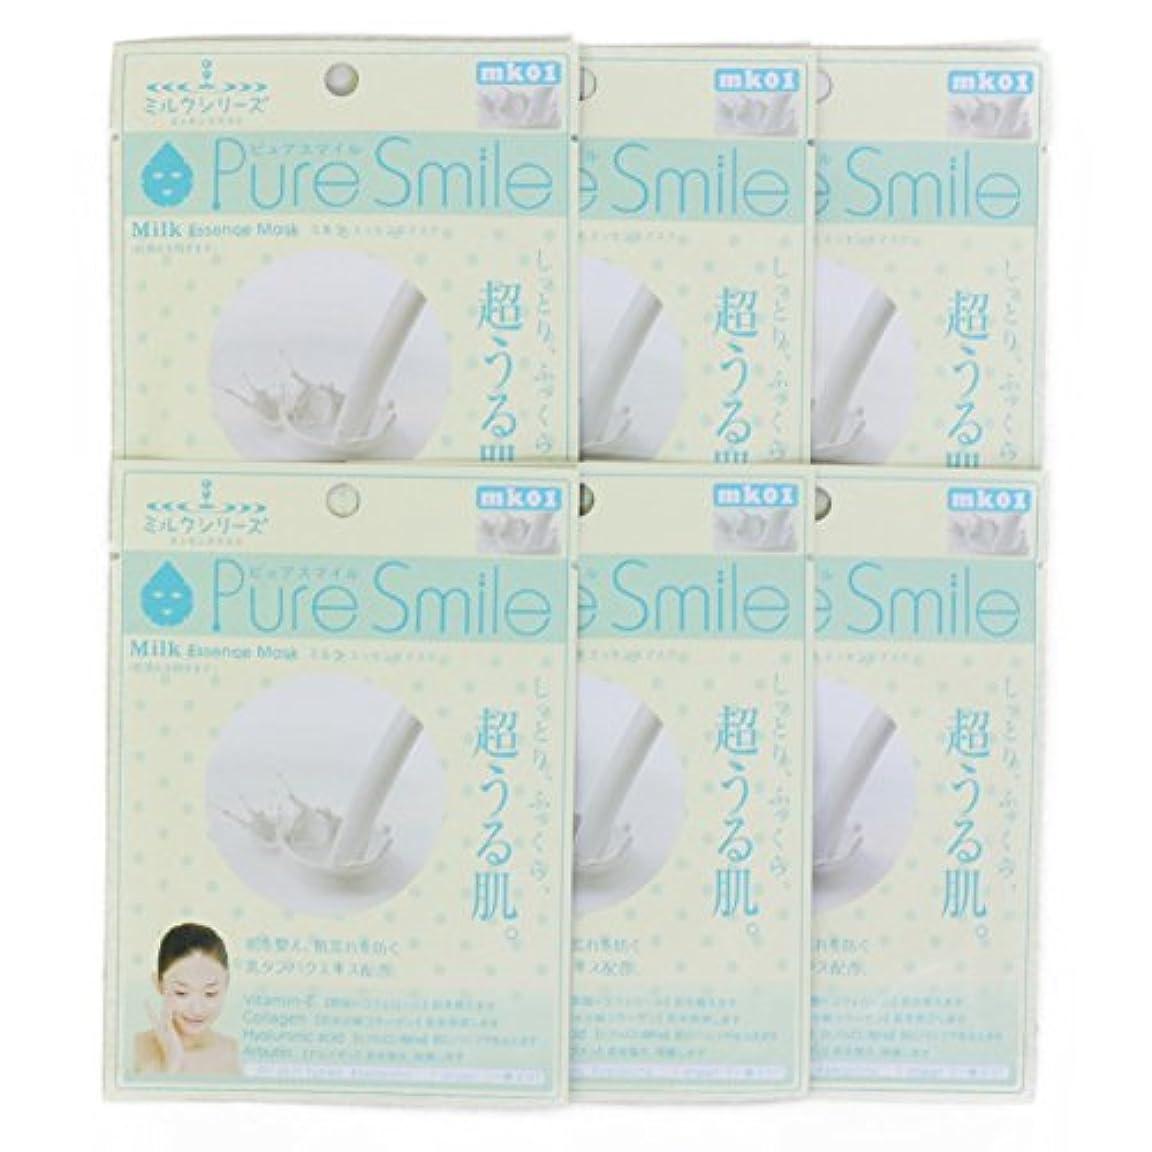 プロフェッショナルコンピューターゲームをプレイする小説Pure Smile ピュアスマイル ミルクエッセンスマスク ミルク 6枚セット